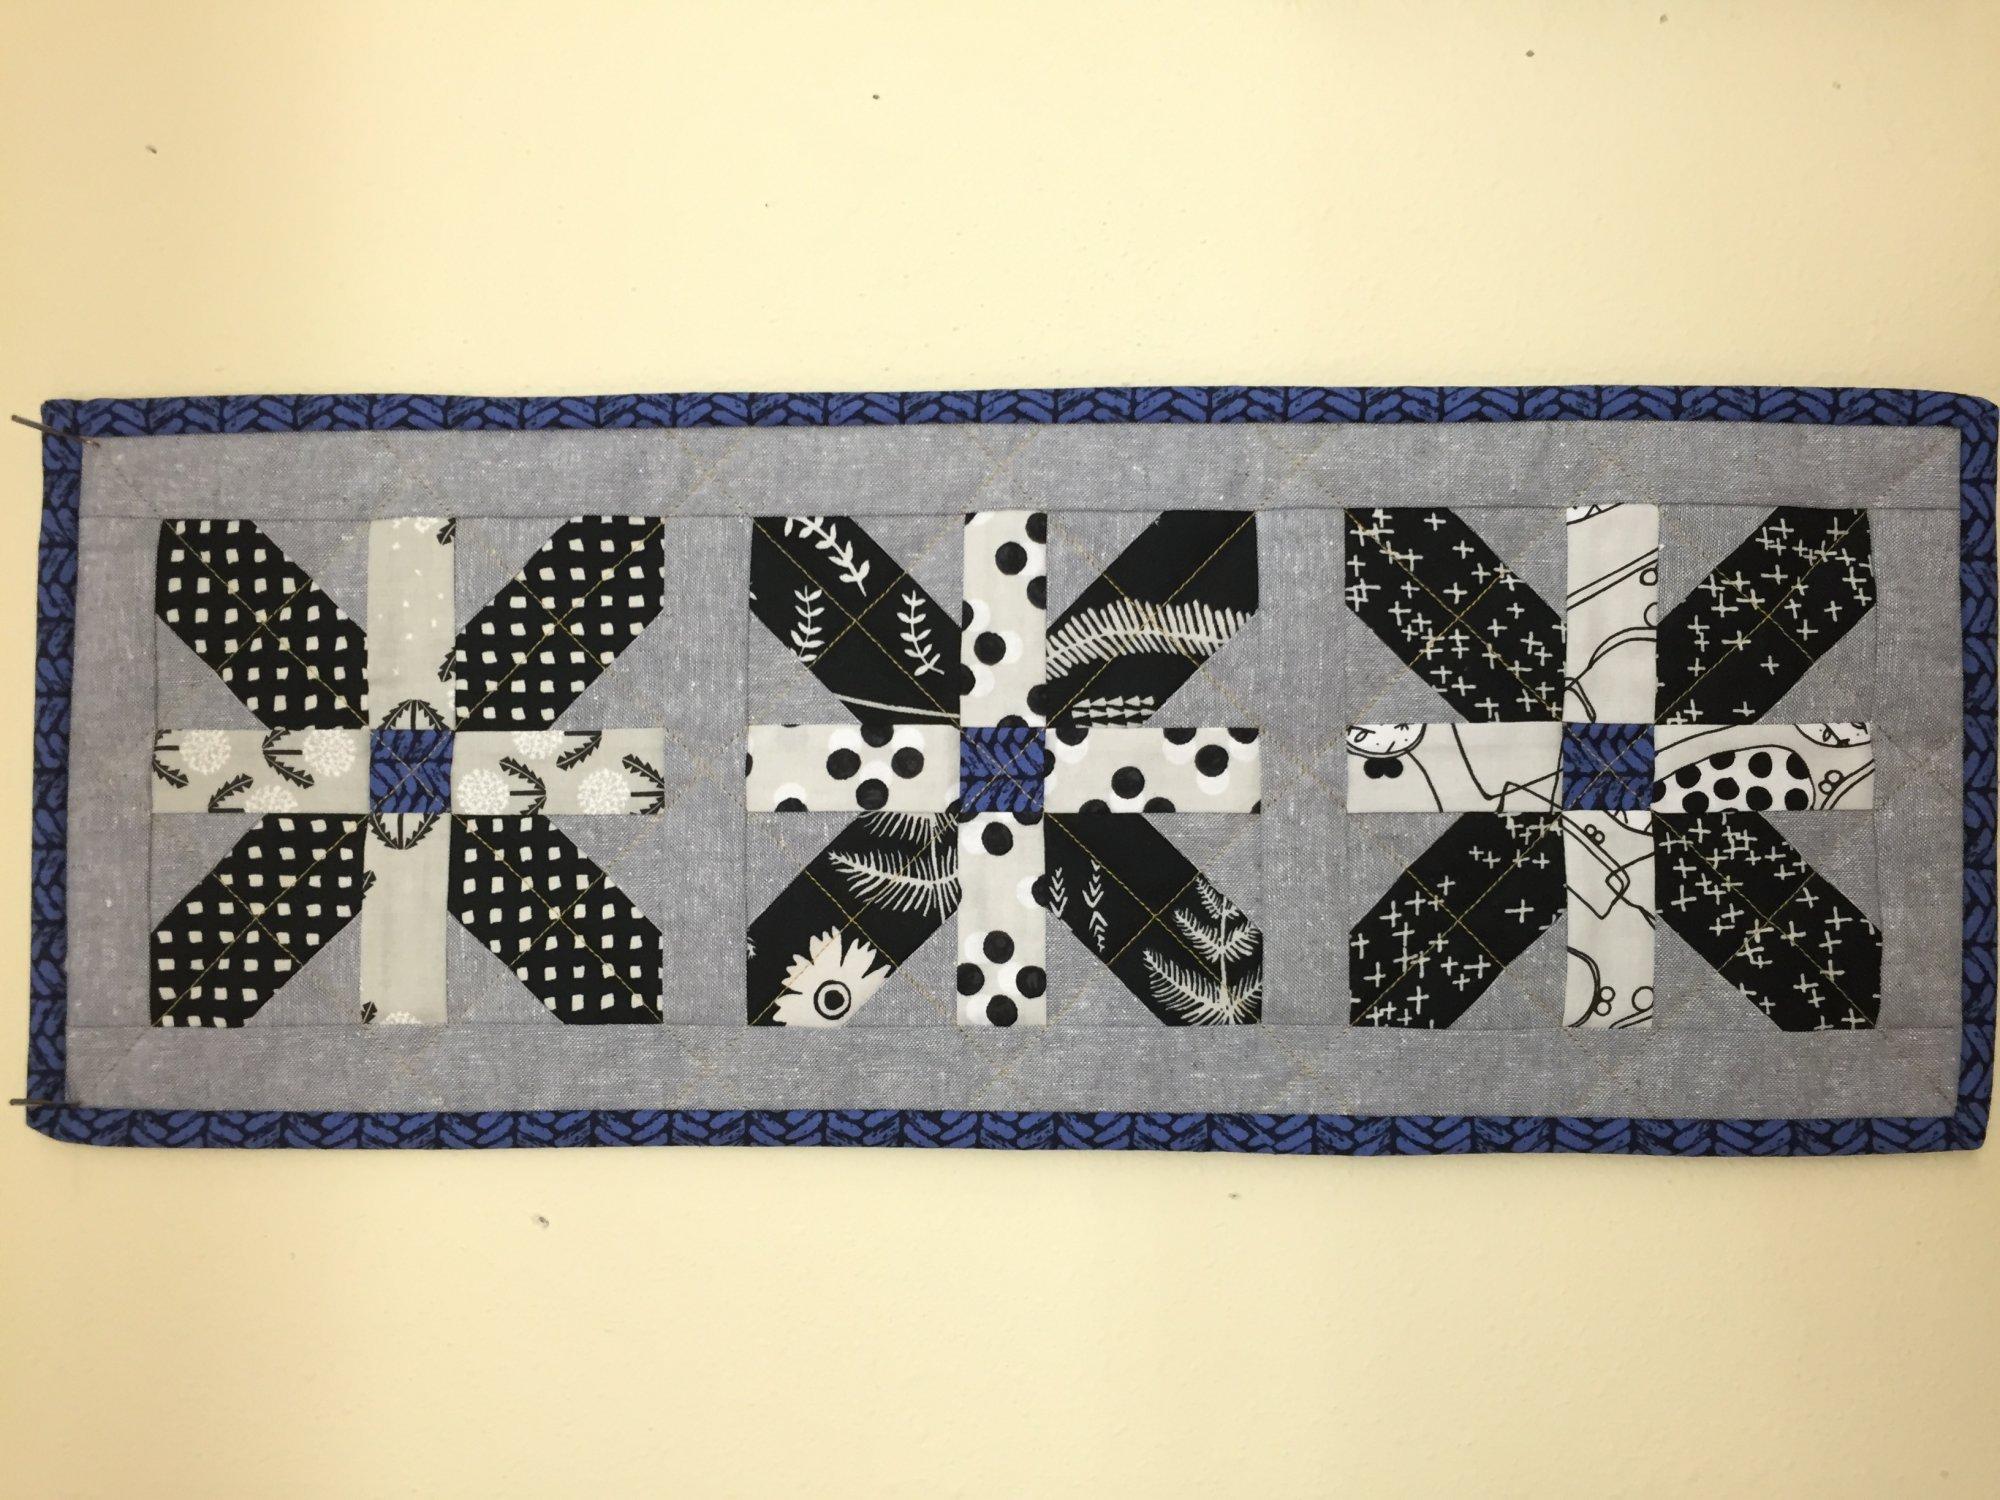 Jacks Mini Quilt Kit